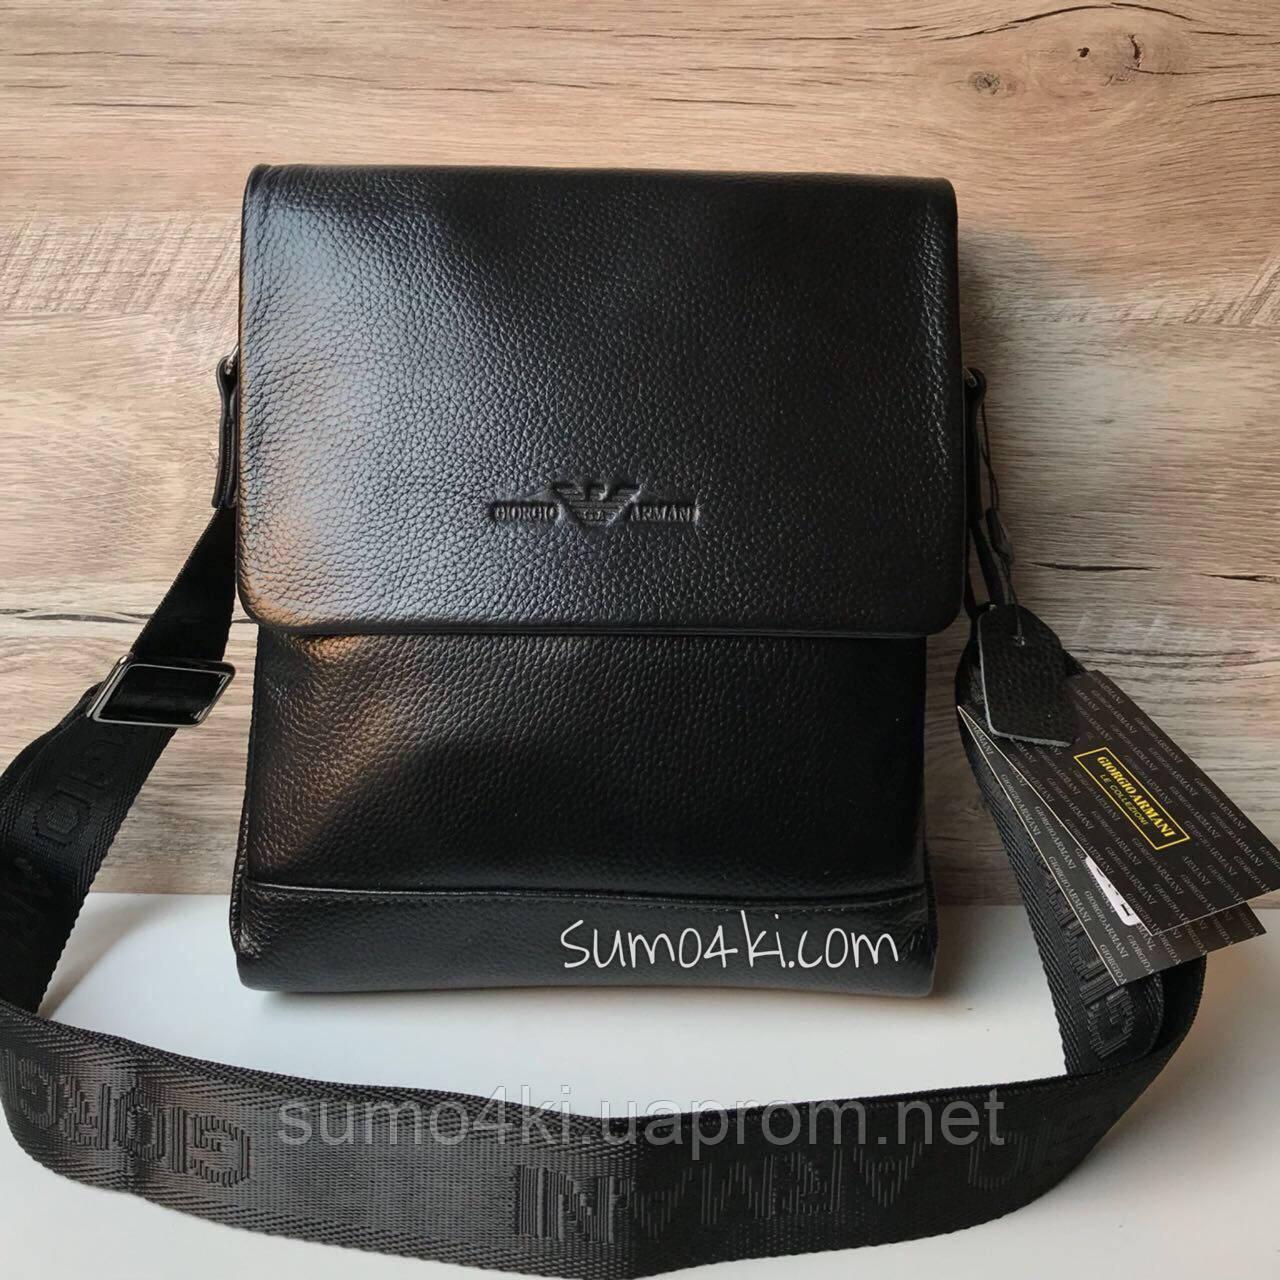 a4e9a3bcc586 Мужская кожаная сумка через плечо Armani Армани - Интернет-магазин «Галерея  Сумок» в